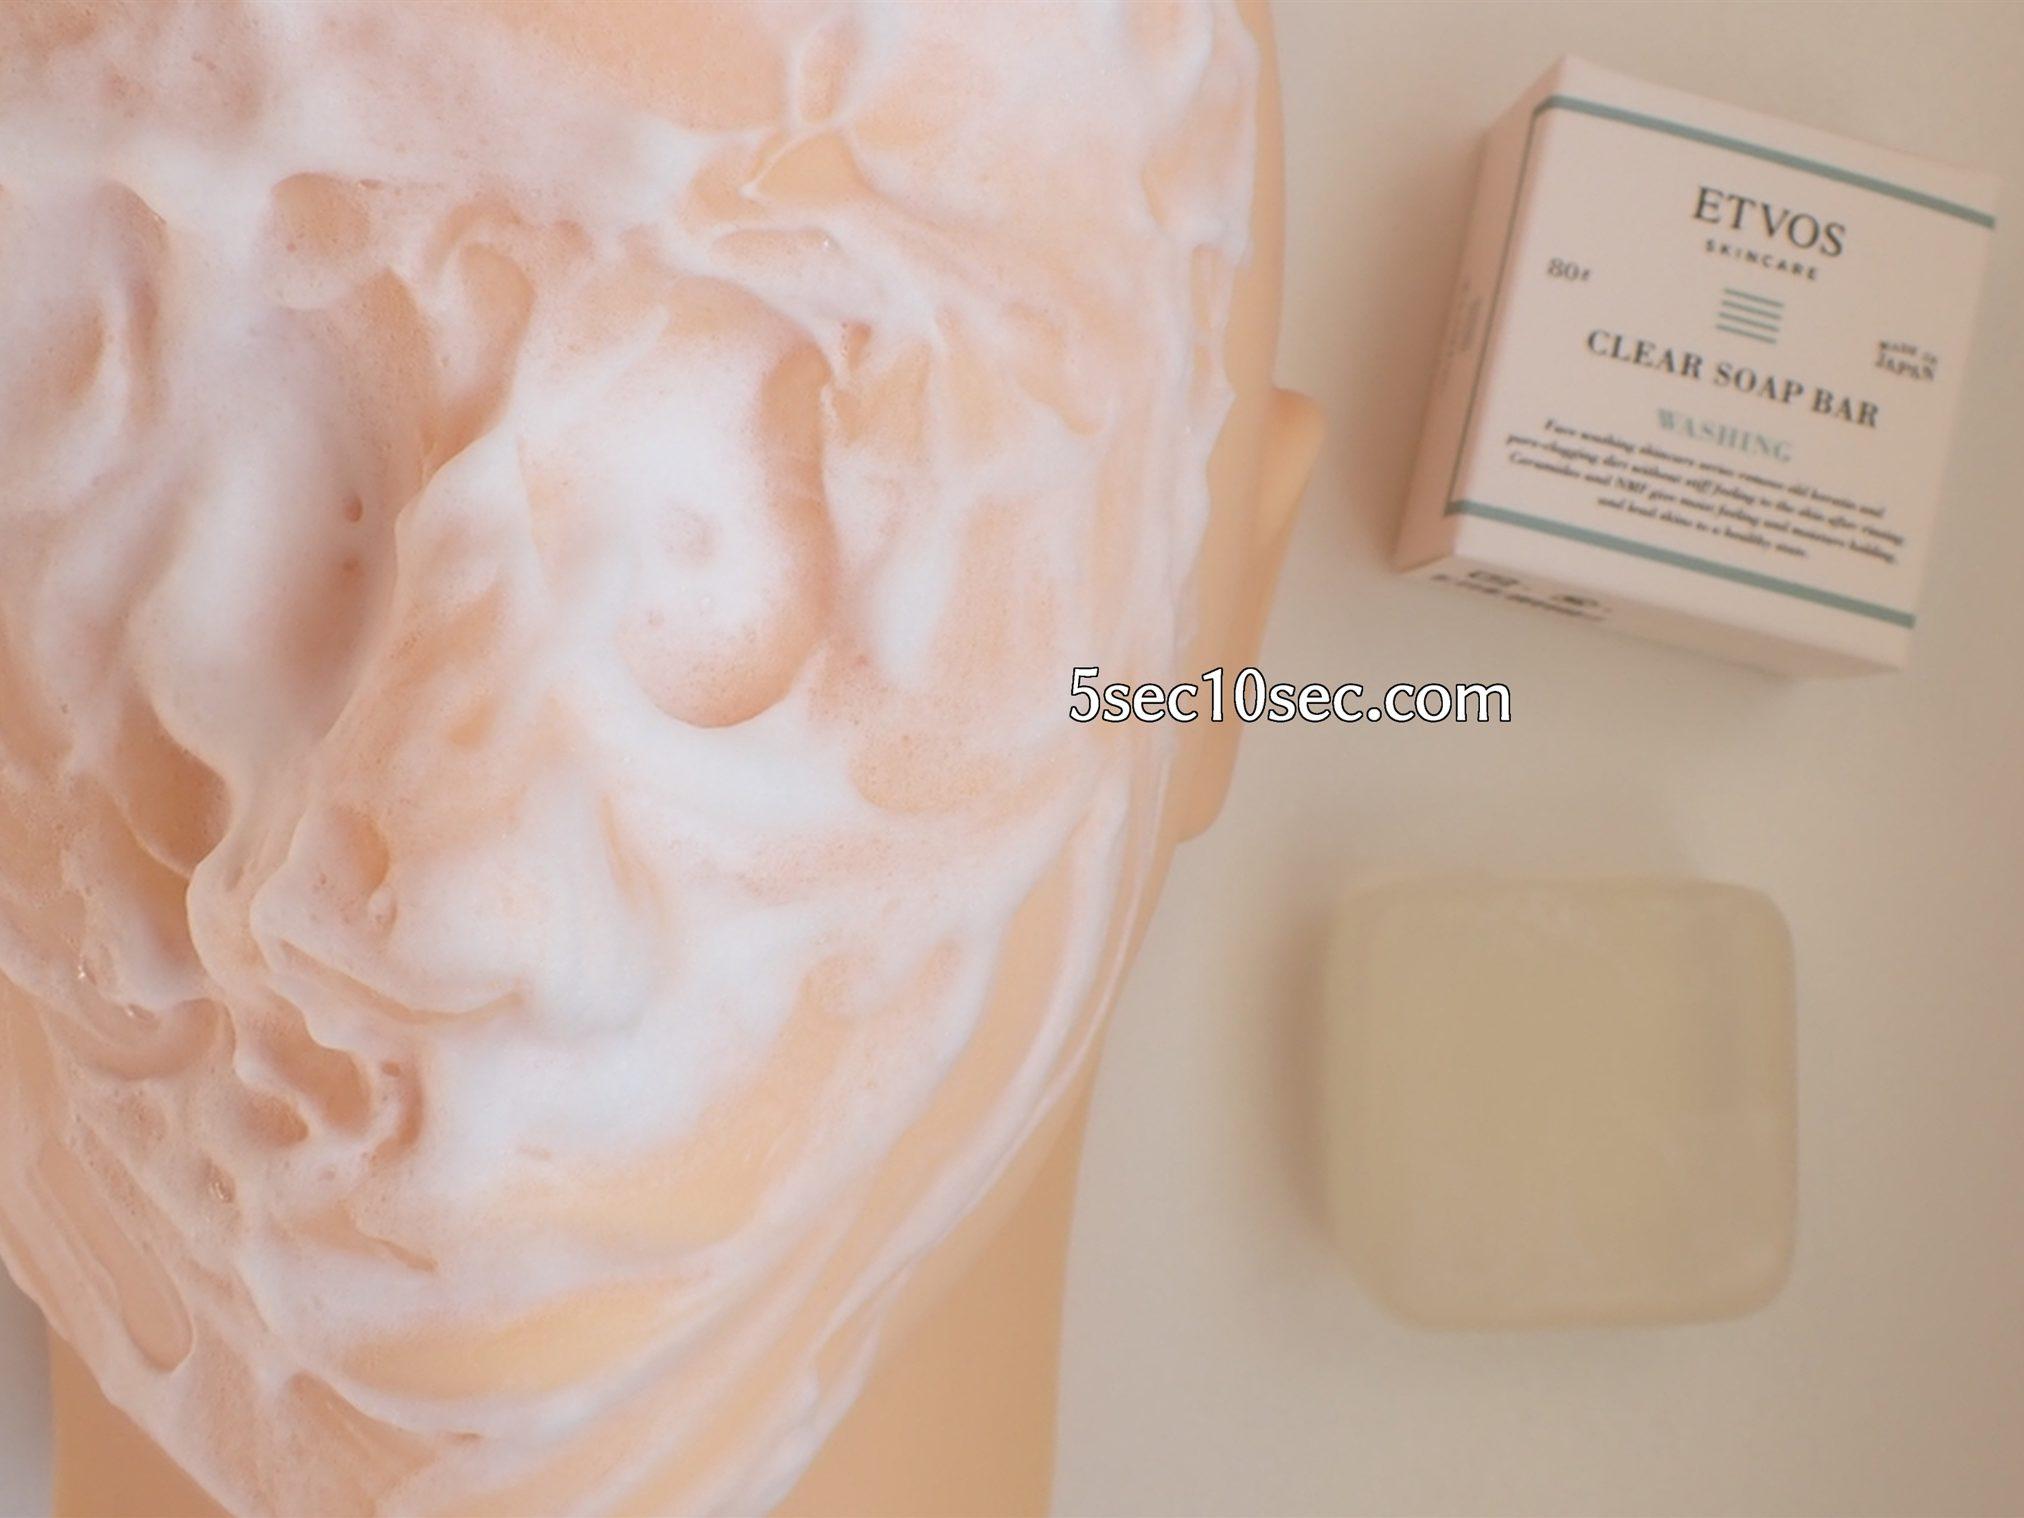 エトヴォス ETVOS クリアソープバー 洗顔石鹸 泡立ち良く、トロトロとしたなめらかな使用感です